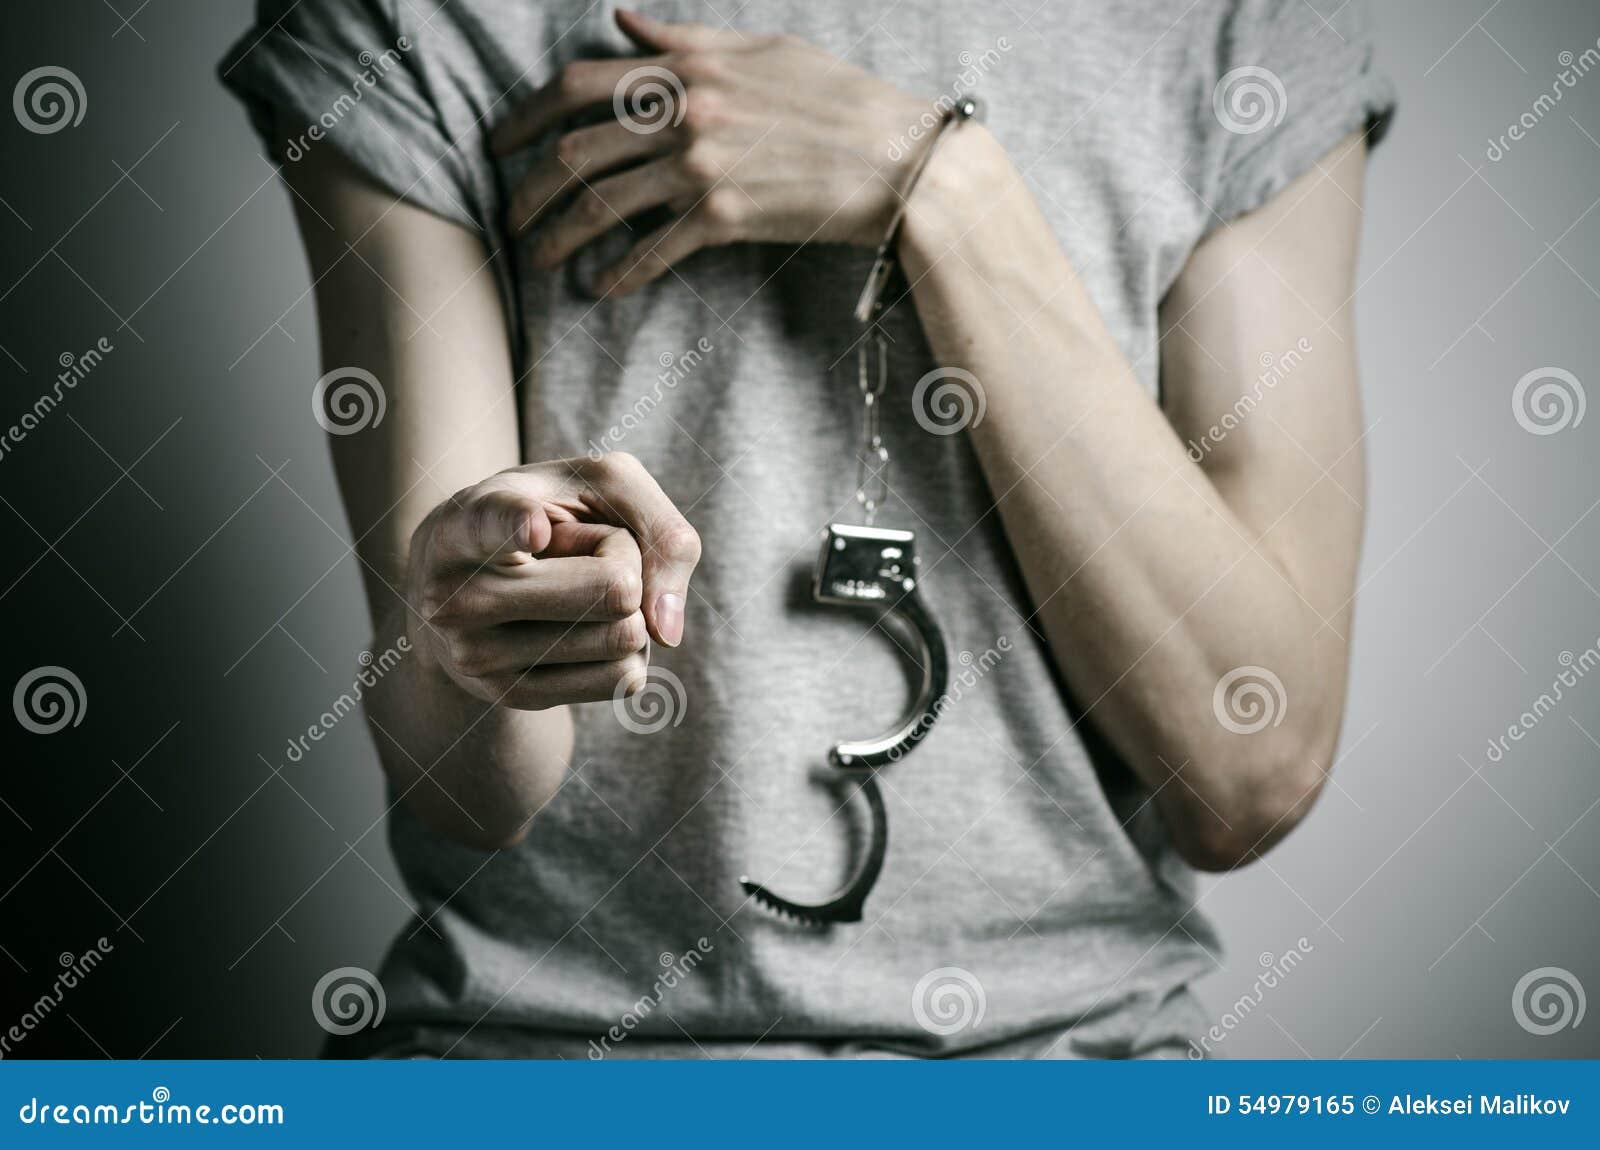 Fängelse och beslagit ämne: mannen med handbojor på hans händer i en grå T-tröja på en grå bakgrund i studion, satte på handbojor